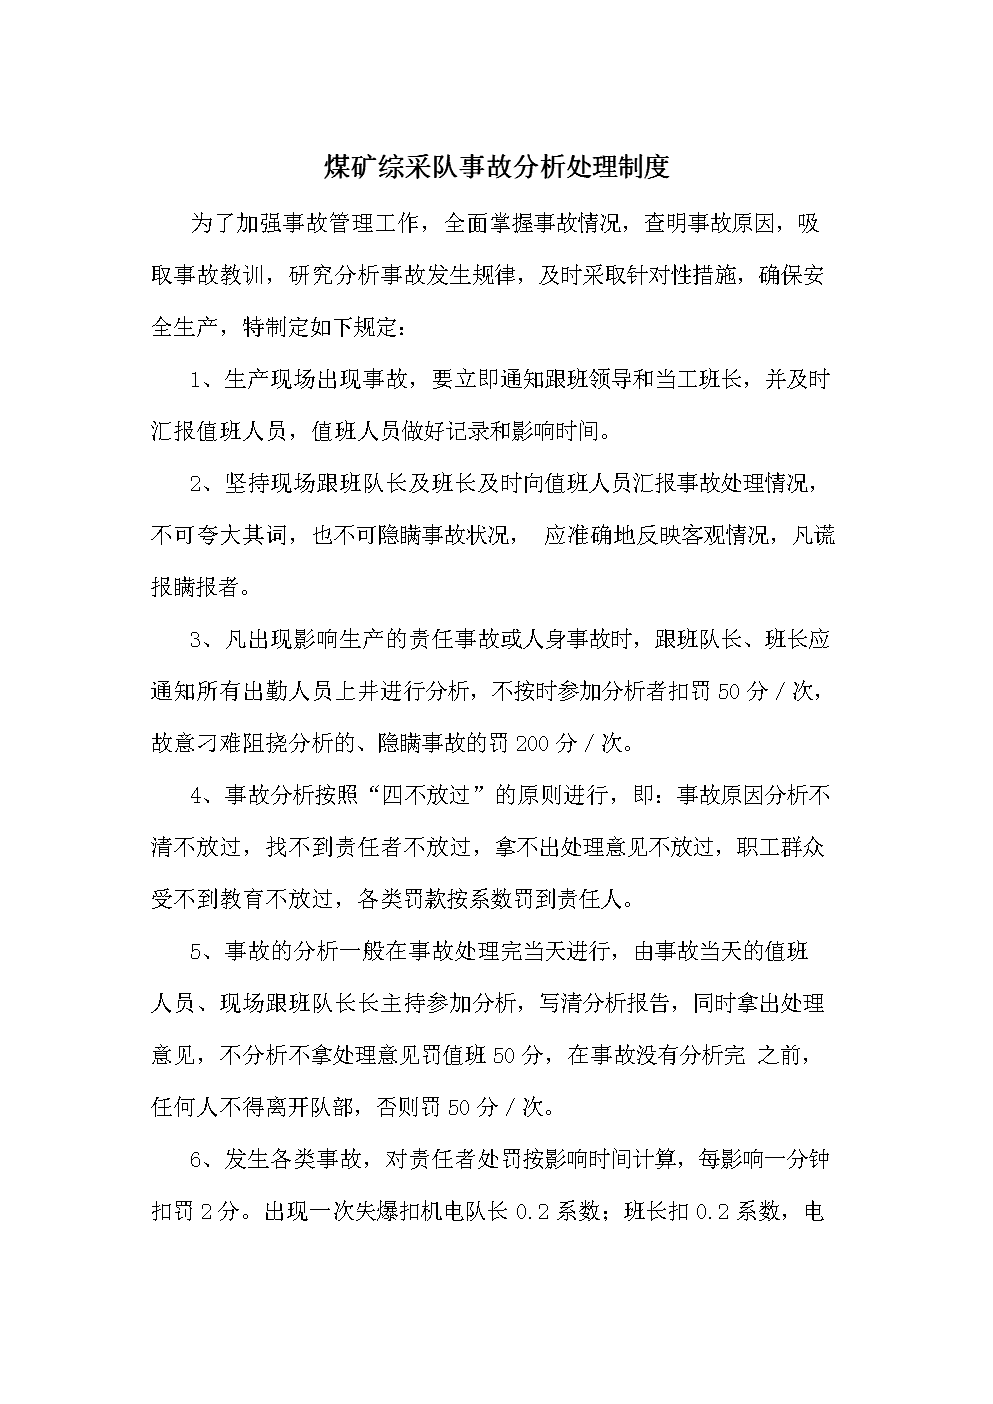 煤矿综采队事故分析处理制度.docx